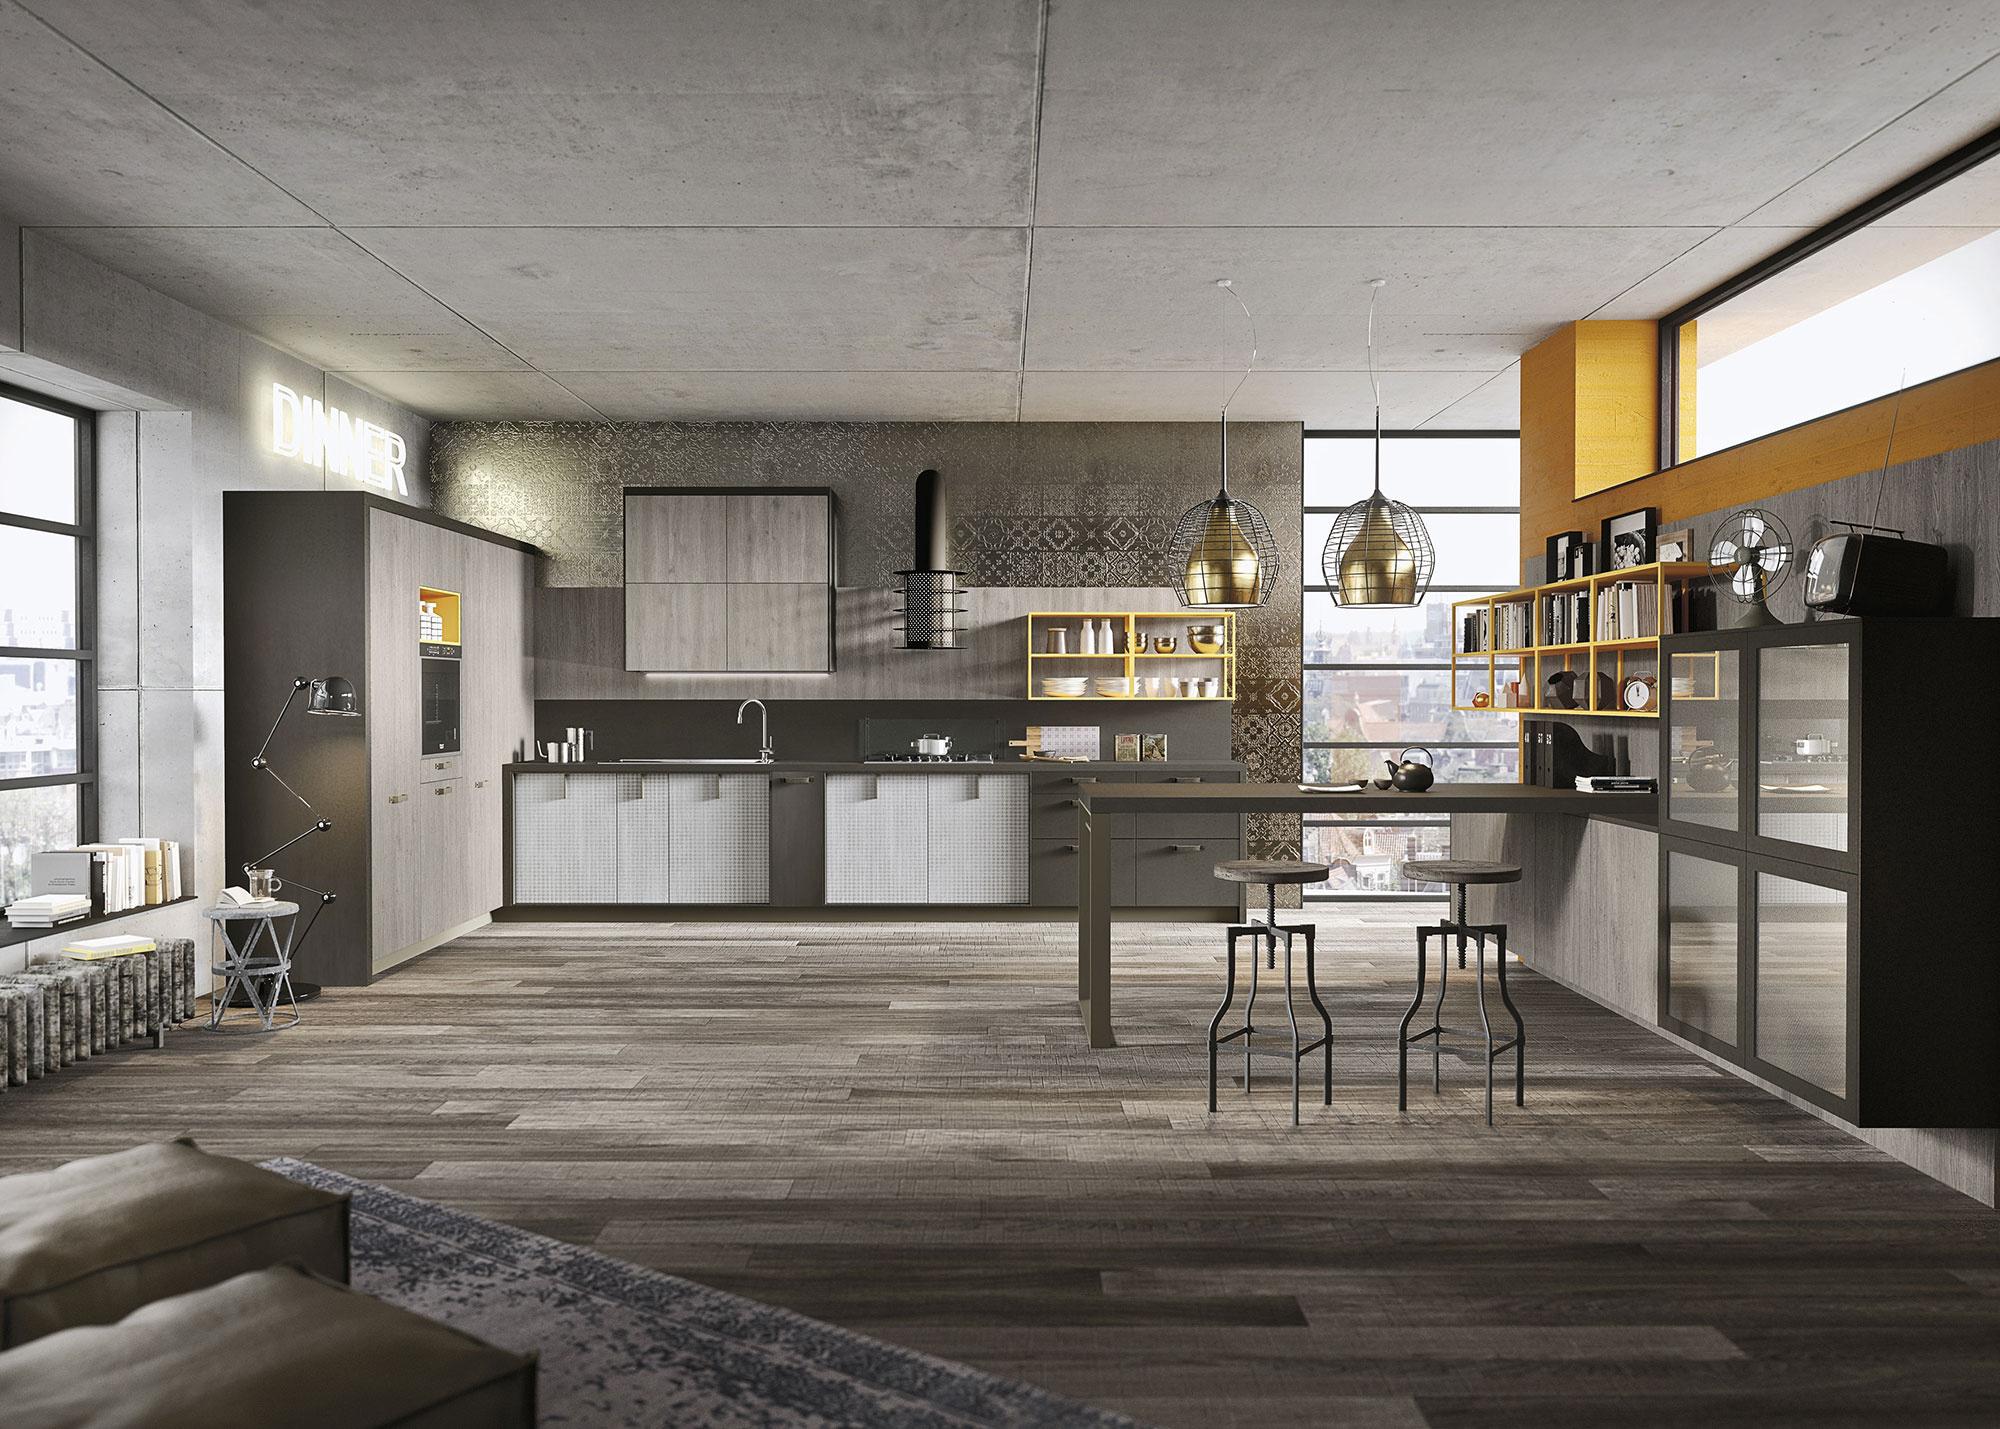 18-køkken-design-lofts-3-bymæssige-ideer-Snaidero